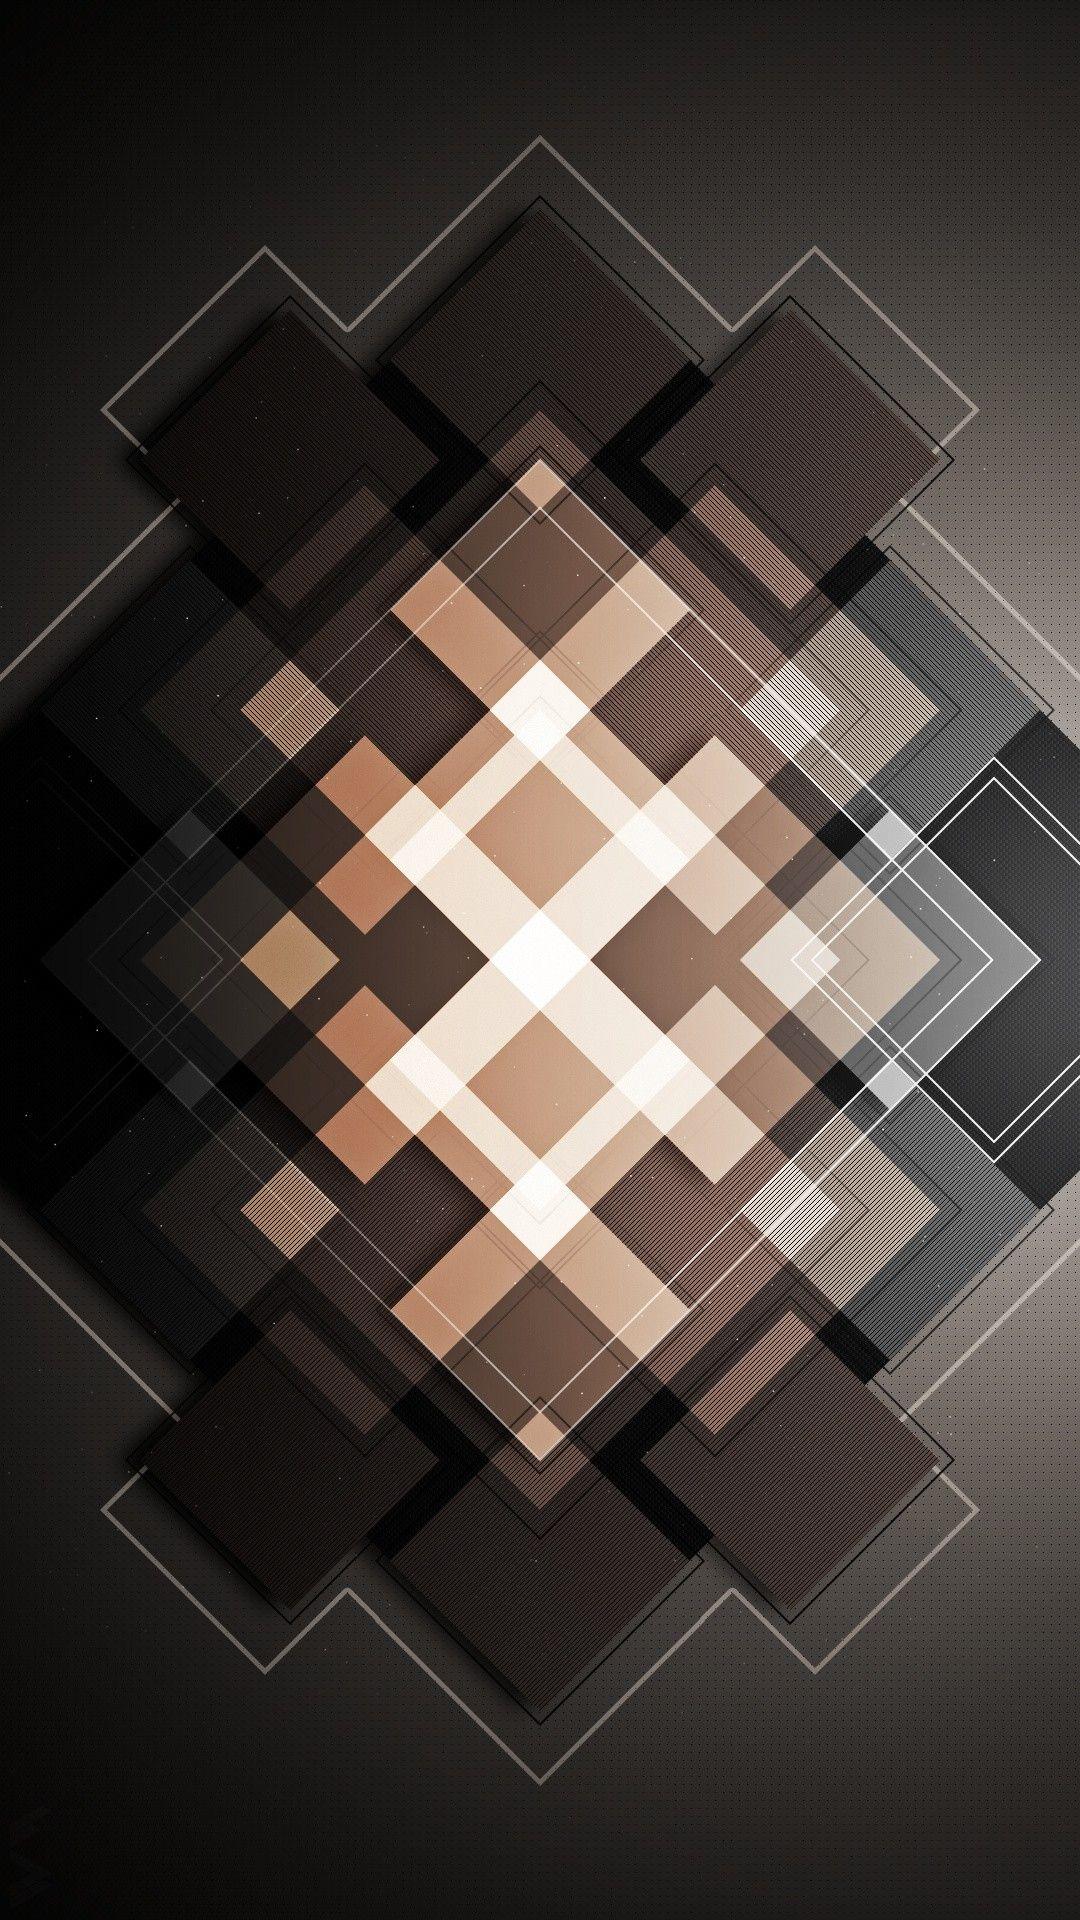 Black Brown And Grey Squares Wallpaper Phone Wallpaper Images Iphone Wallpaper Graphic Wallpaper